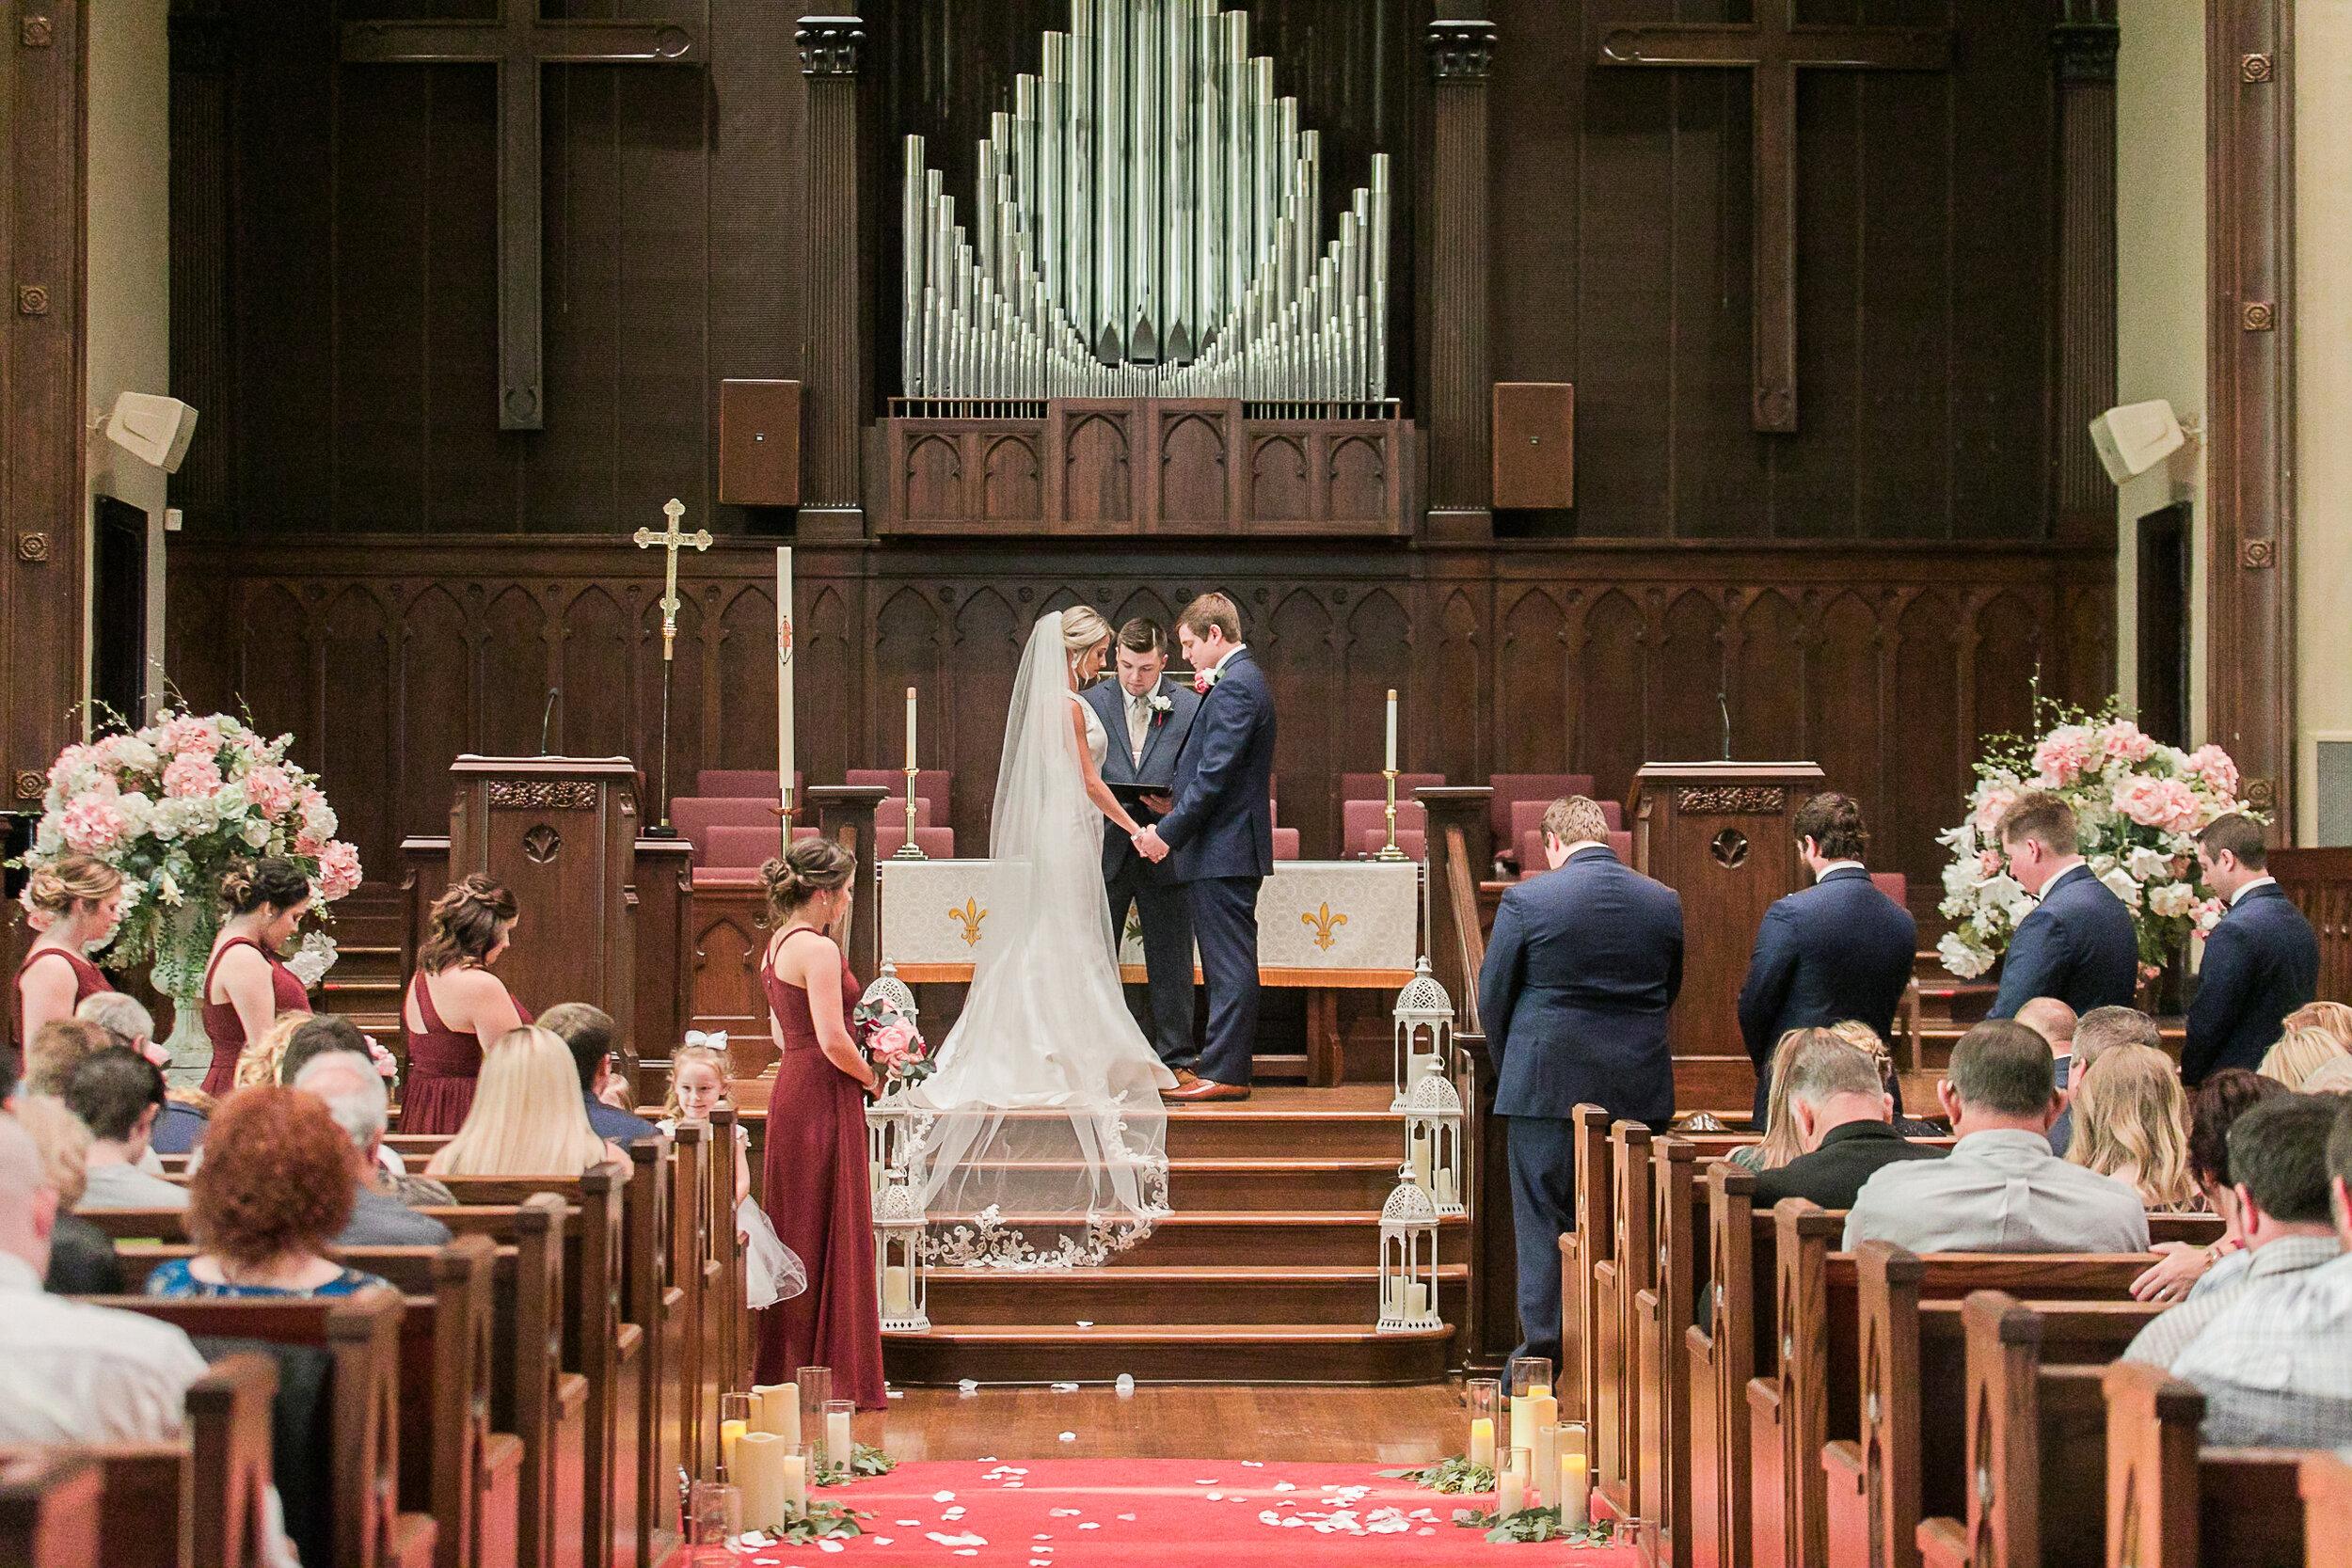 Chelsea-Hayden-wedding-379.jpg